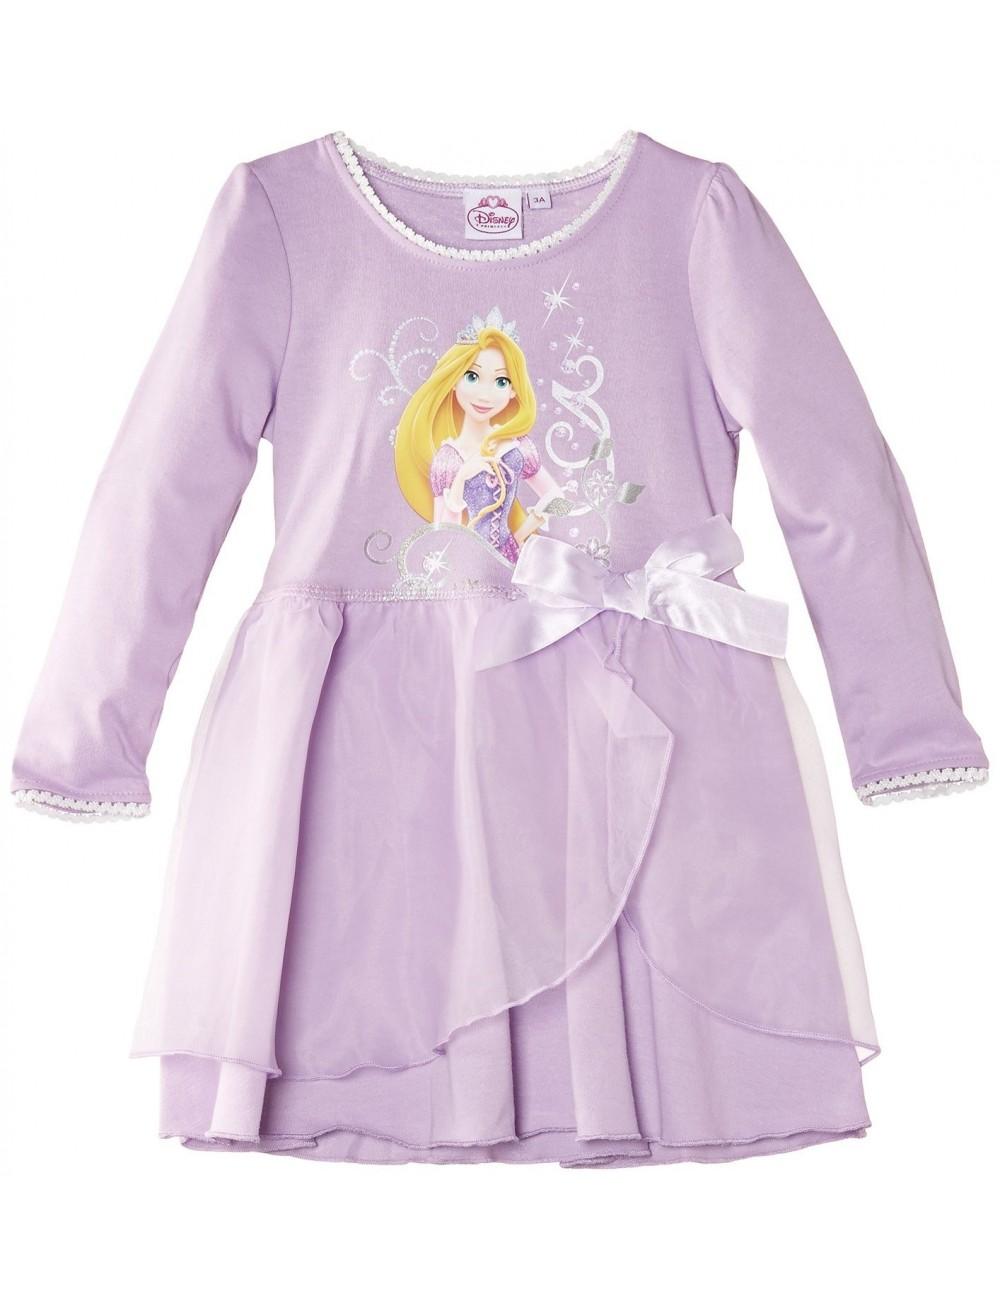 Camasa de noapte Rapunzel, 3 ani